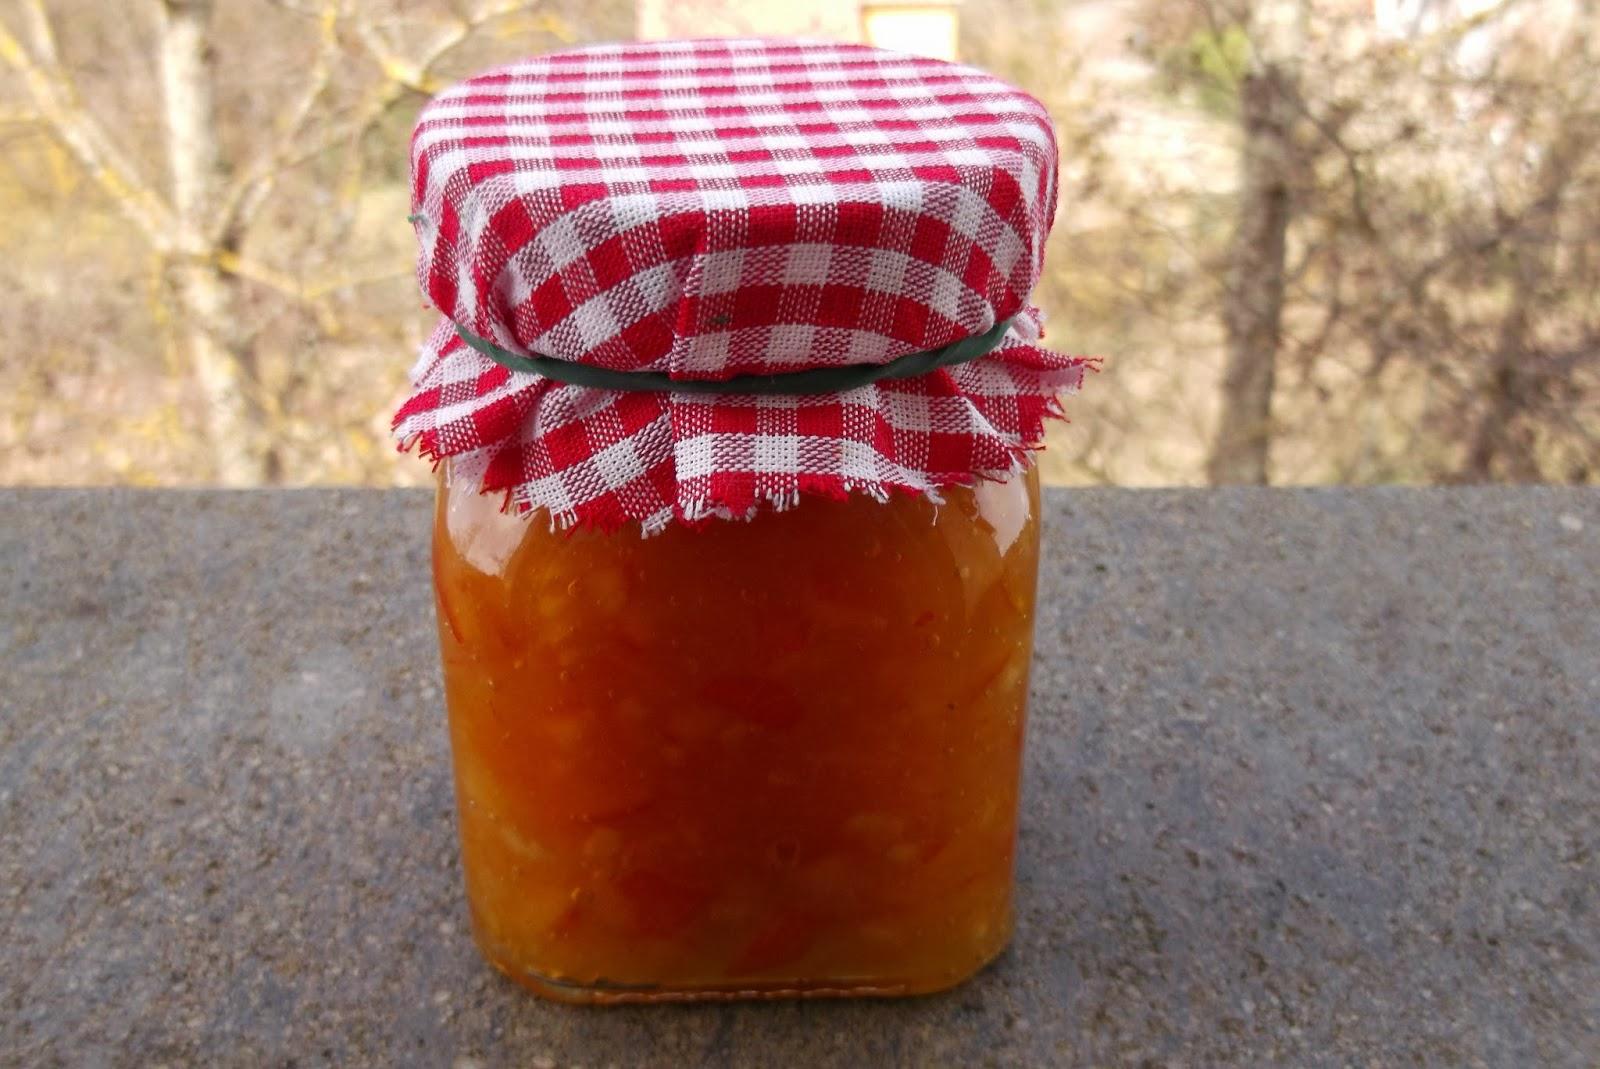 marmellata di arance (anche mdp)